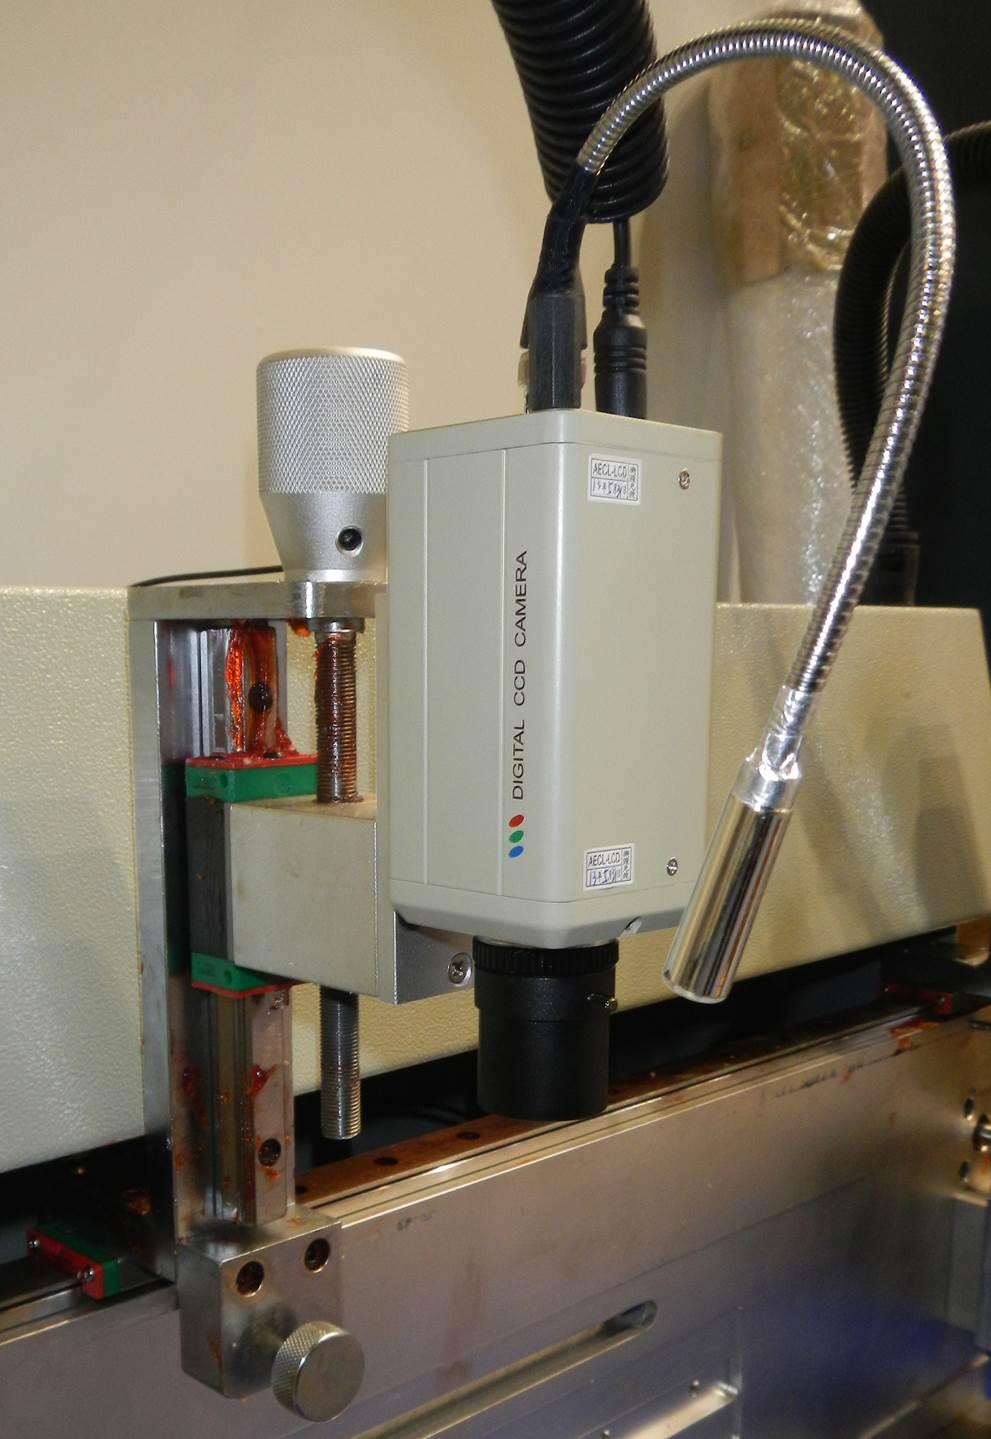 Описание системы наклейки флексографских форм на формный цилиндр SM-450, фотография - 10